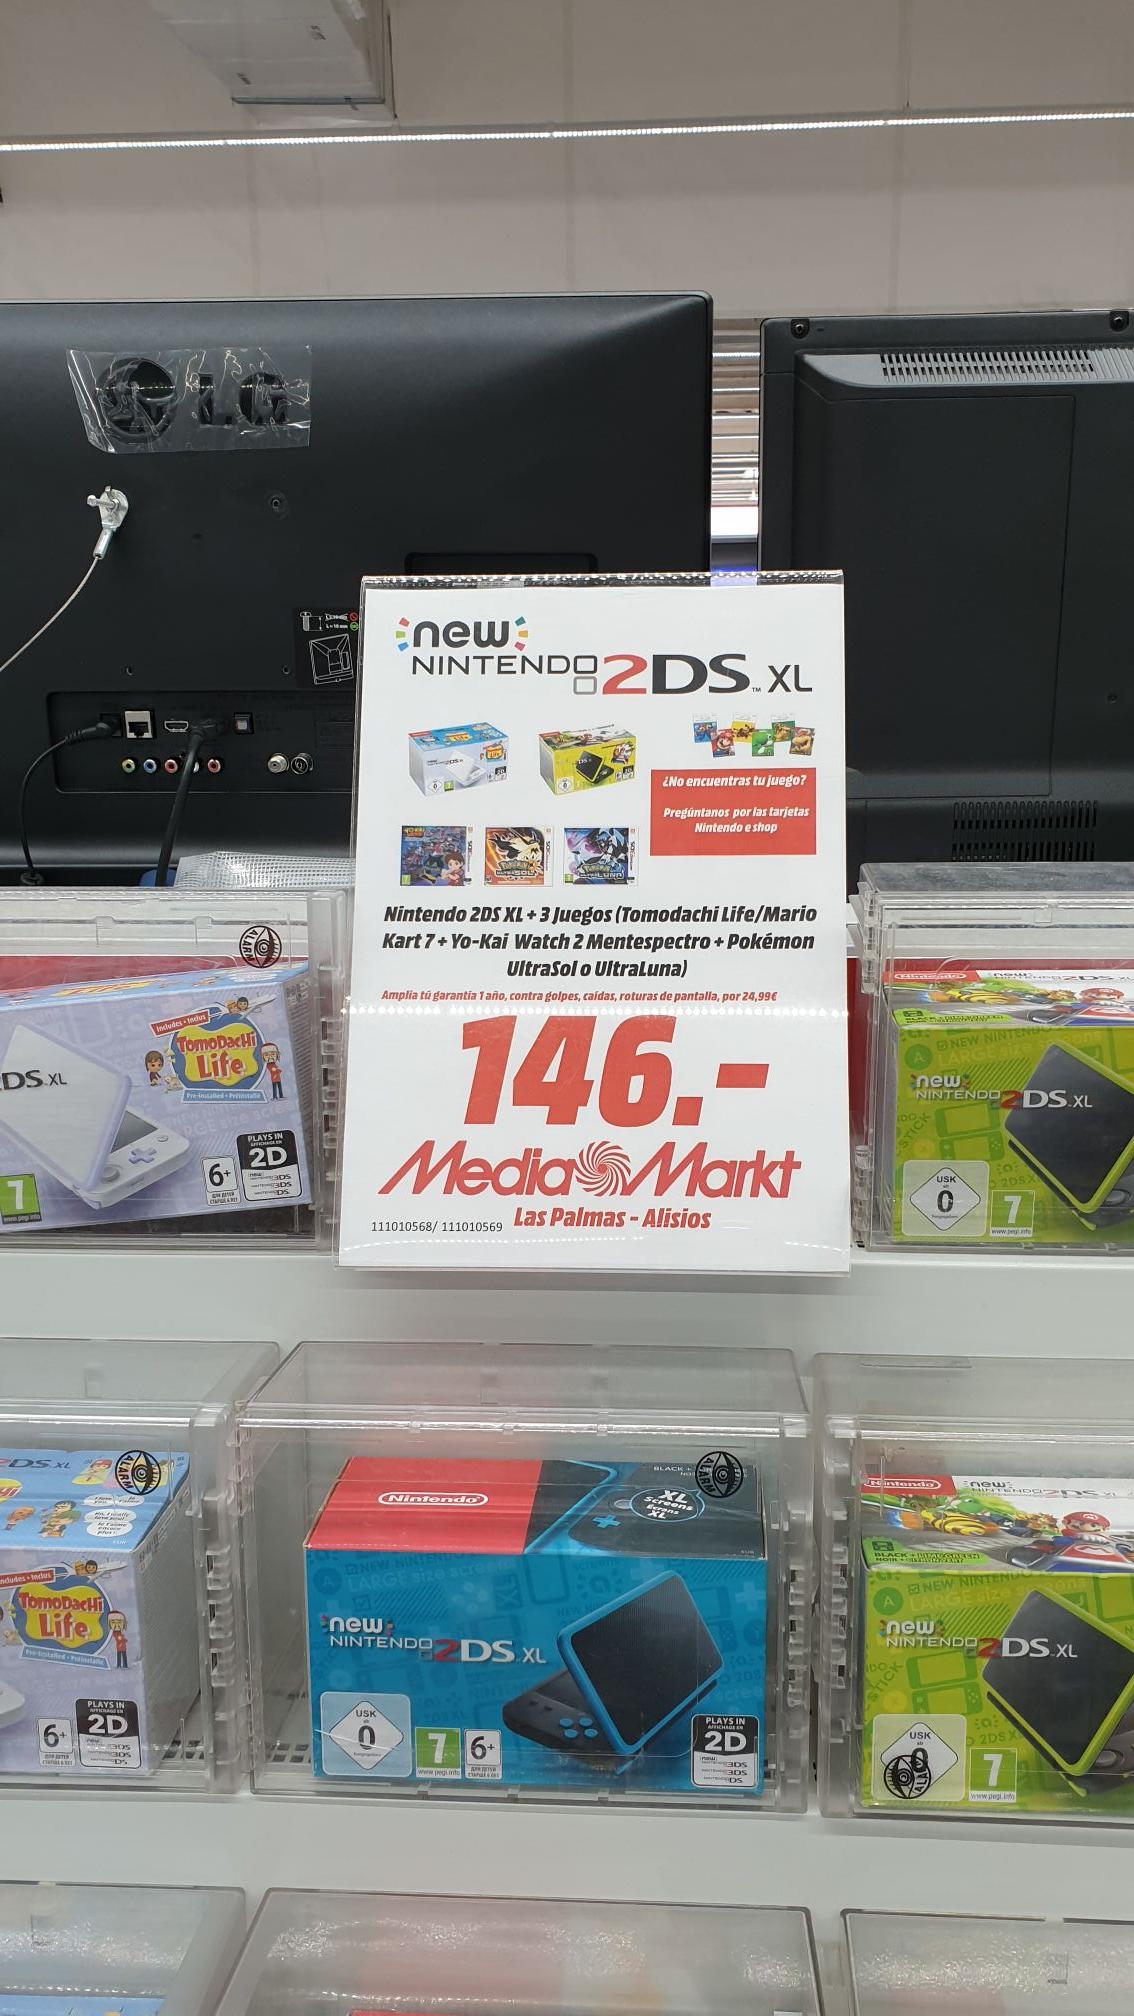 New Nintendo 2DS XL + 3 juegos (Media Markt Los Alisios - Las Palmas)